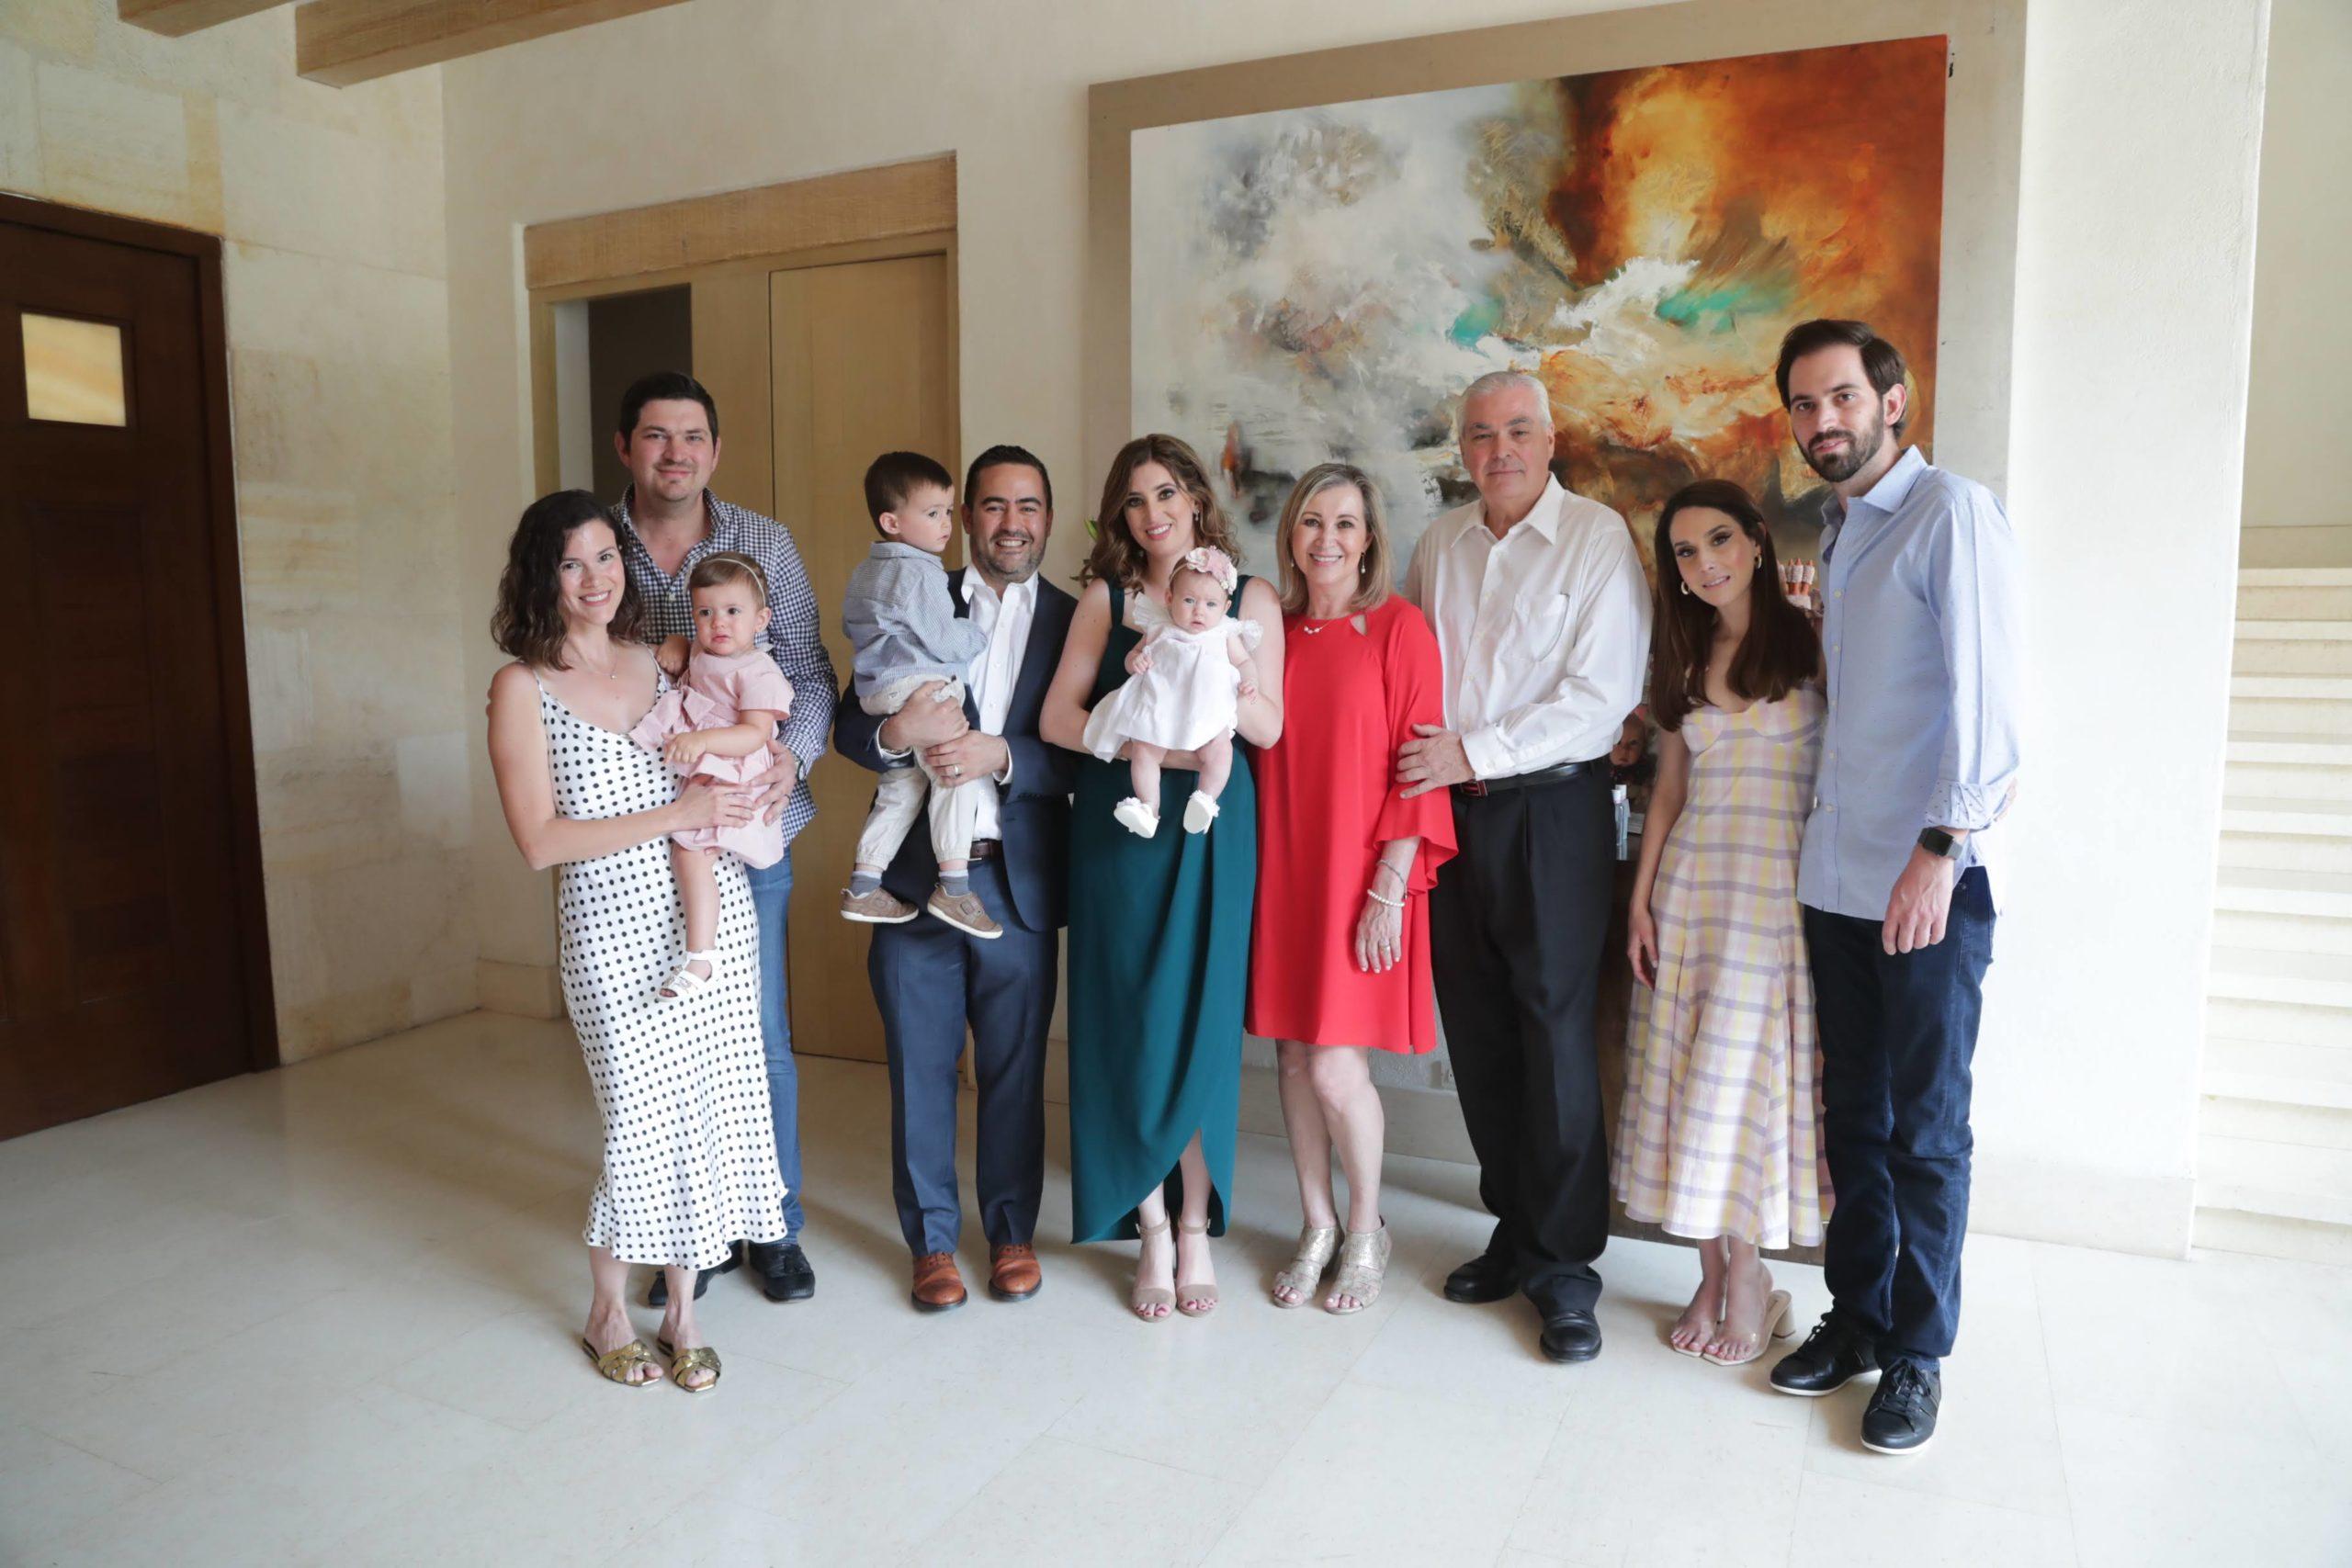 Mauricio, Mariana y Regina Santoscoy, familia Arizpe Santoscoy, Irma De la Garza, Ernesto Santoscoy, Lucía Garza y David Santoscoy.